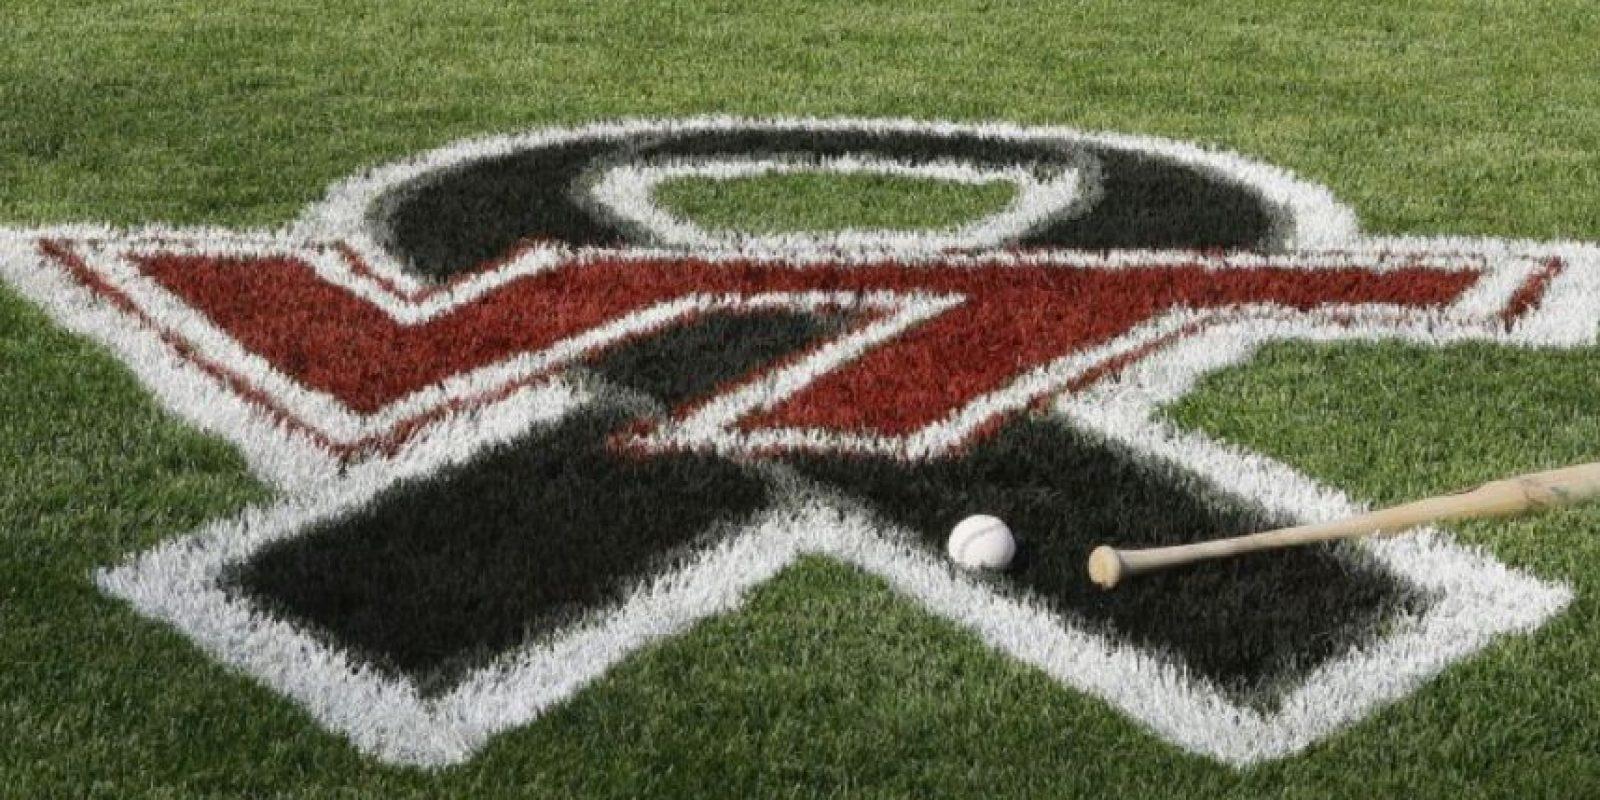 32 personas fueron asesinadas en el estadio Virgina Tech, Foto:Getty Images